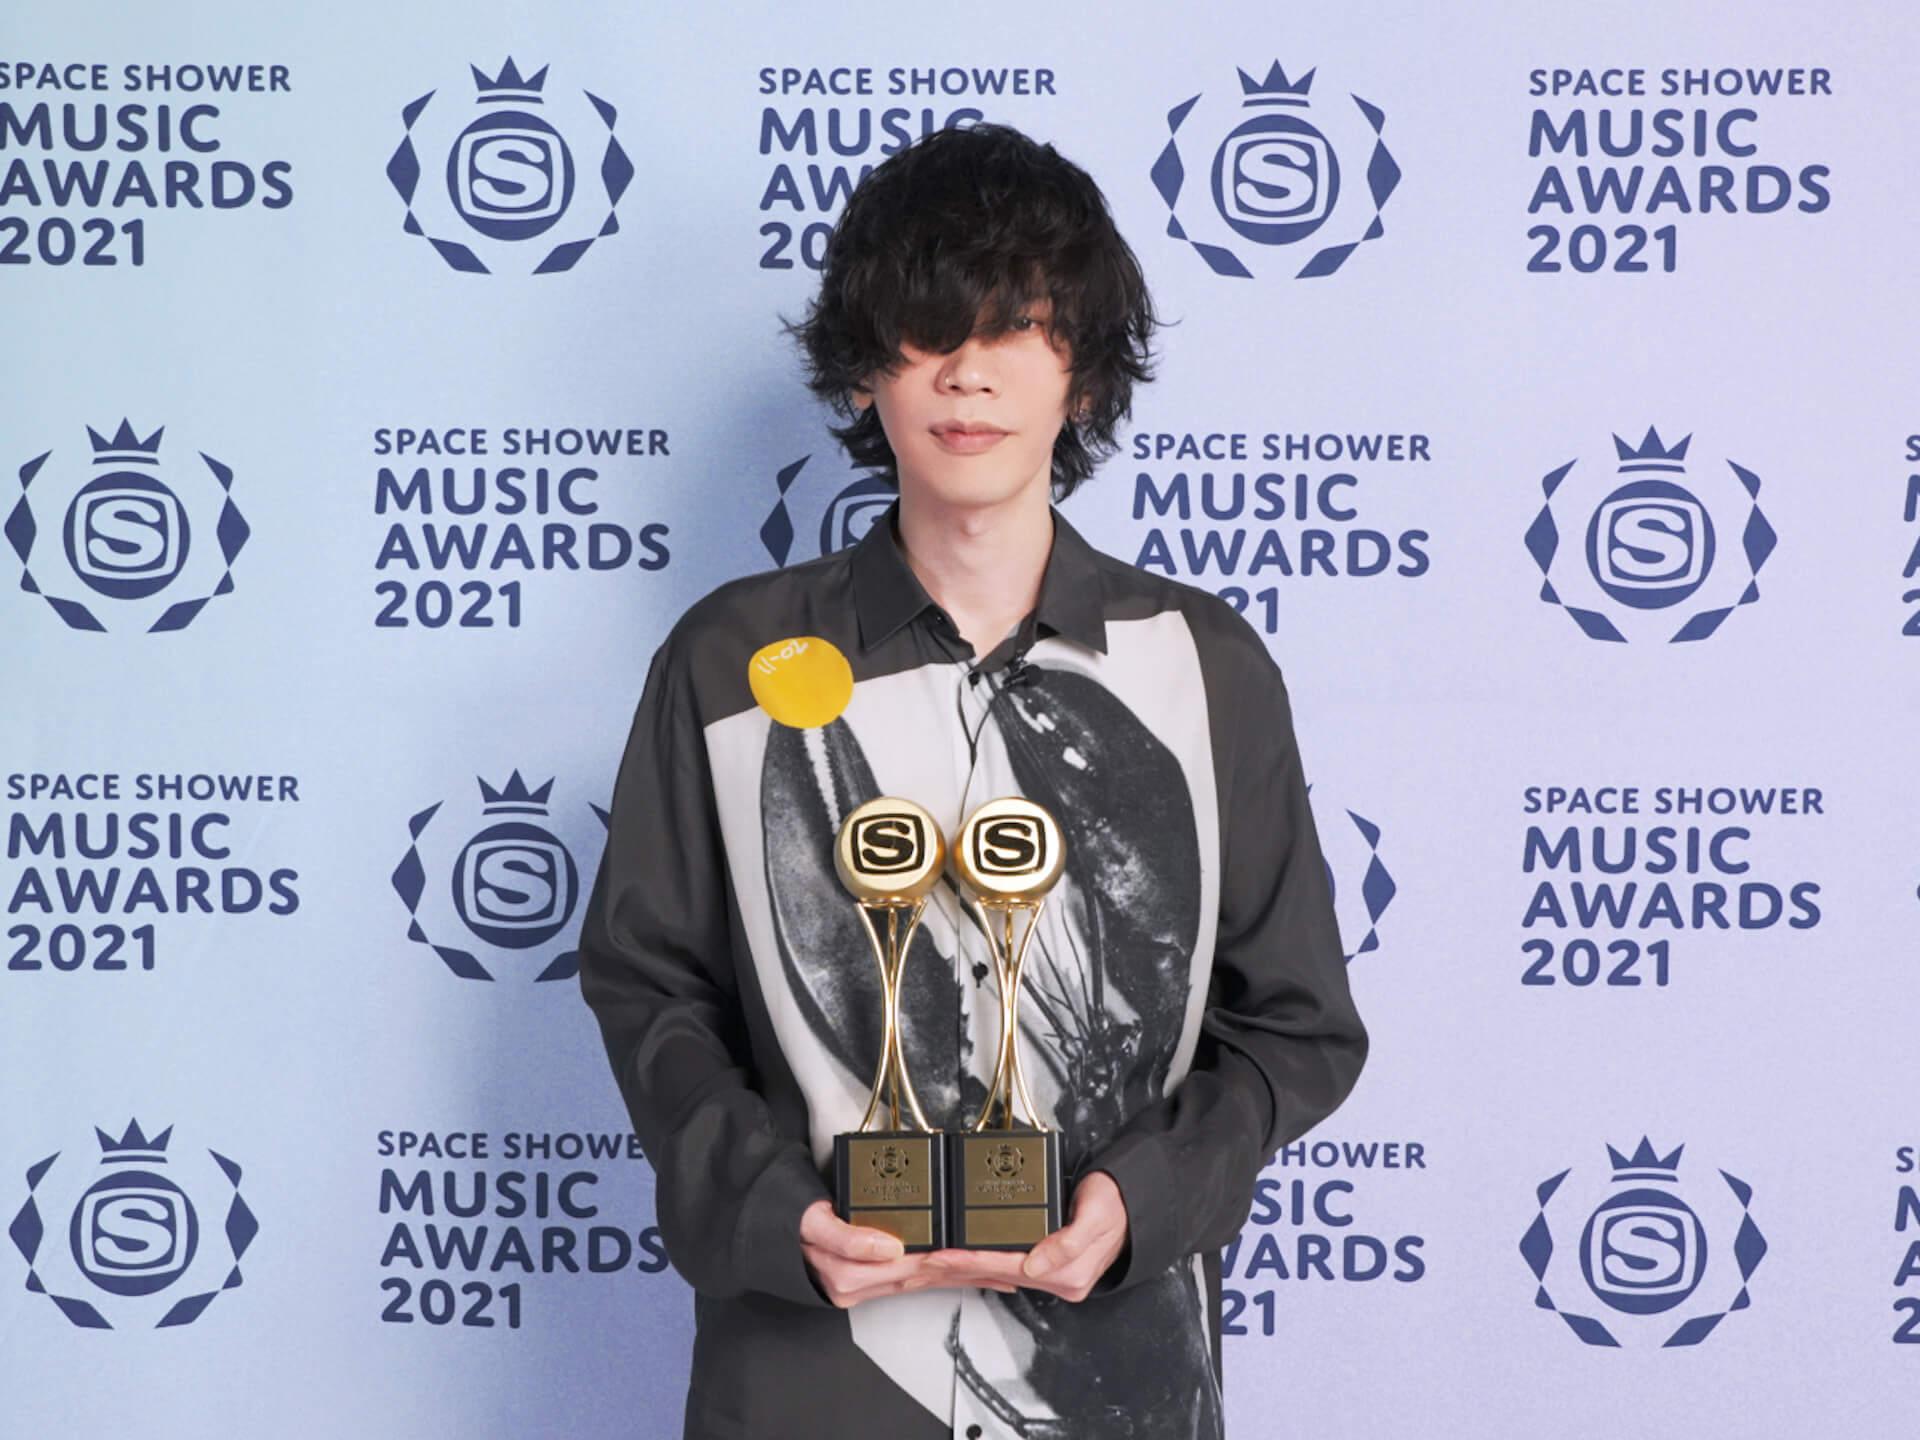 米津玄師がSPACE SHOWER MUSIC AWARDS 2021で2部門受賞!自身初のALBUM OF THE YEAR&VIDEO OF THE YEAR music210308_yonezukenshi_ssma_4